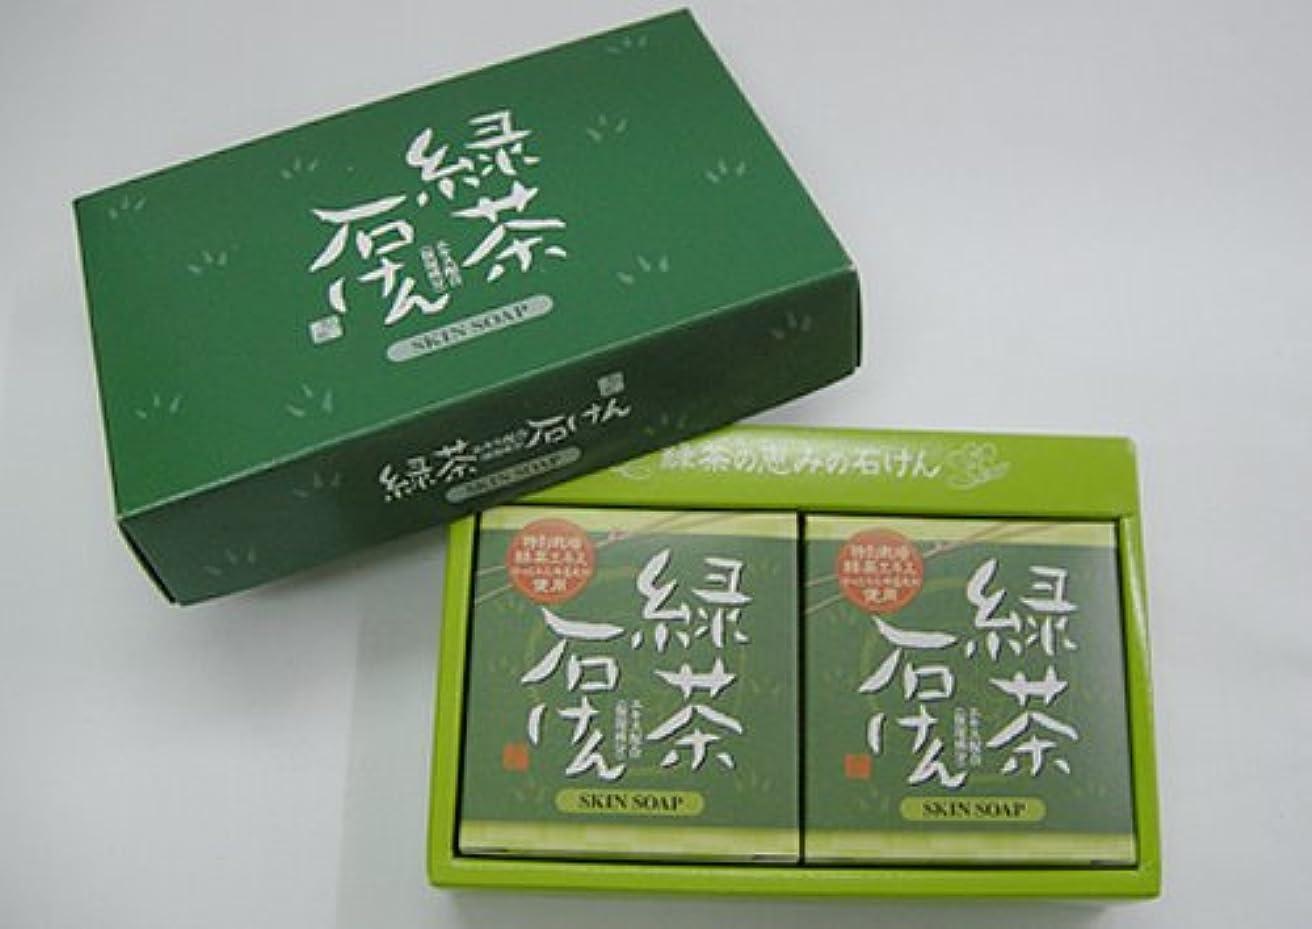 銛種類マニアック緑茶せっけん(緑茶エキス配合石けん)2ヶ入り